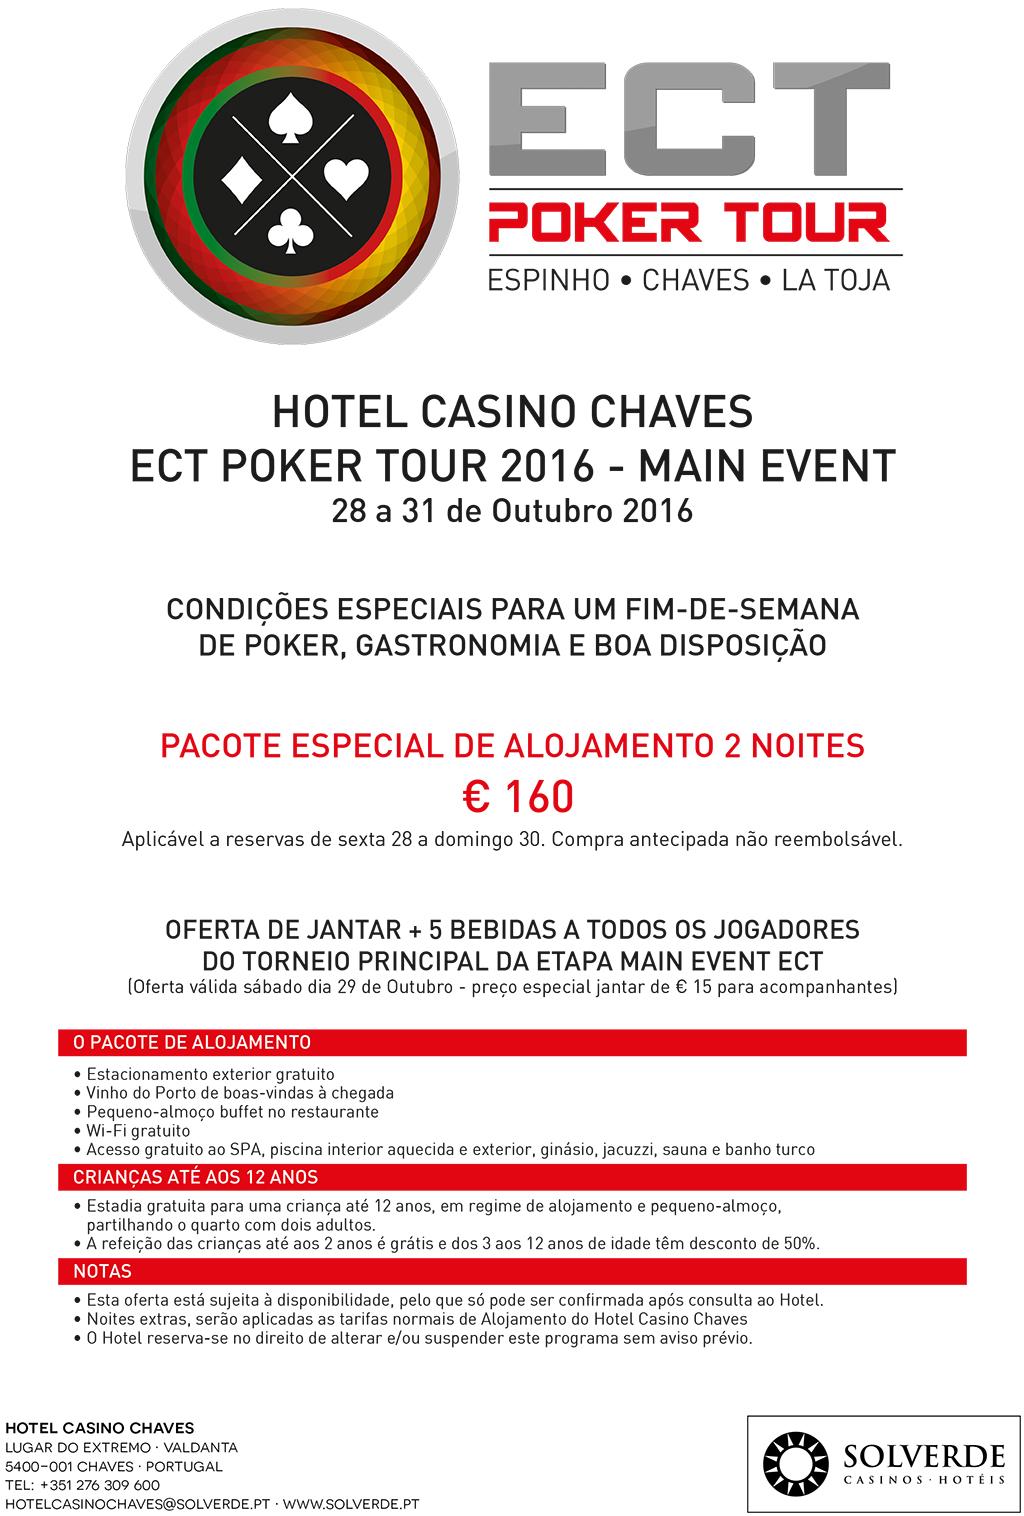 Main Event ECT Poker Tour - 28 a 31 de Outubro em Chaves Já com €6.580 no Prize Pool 102